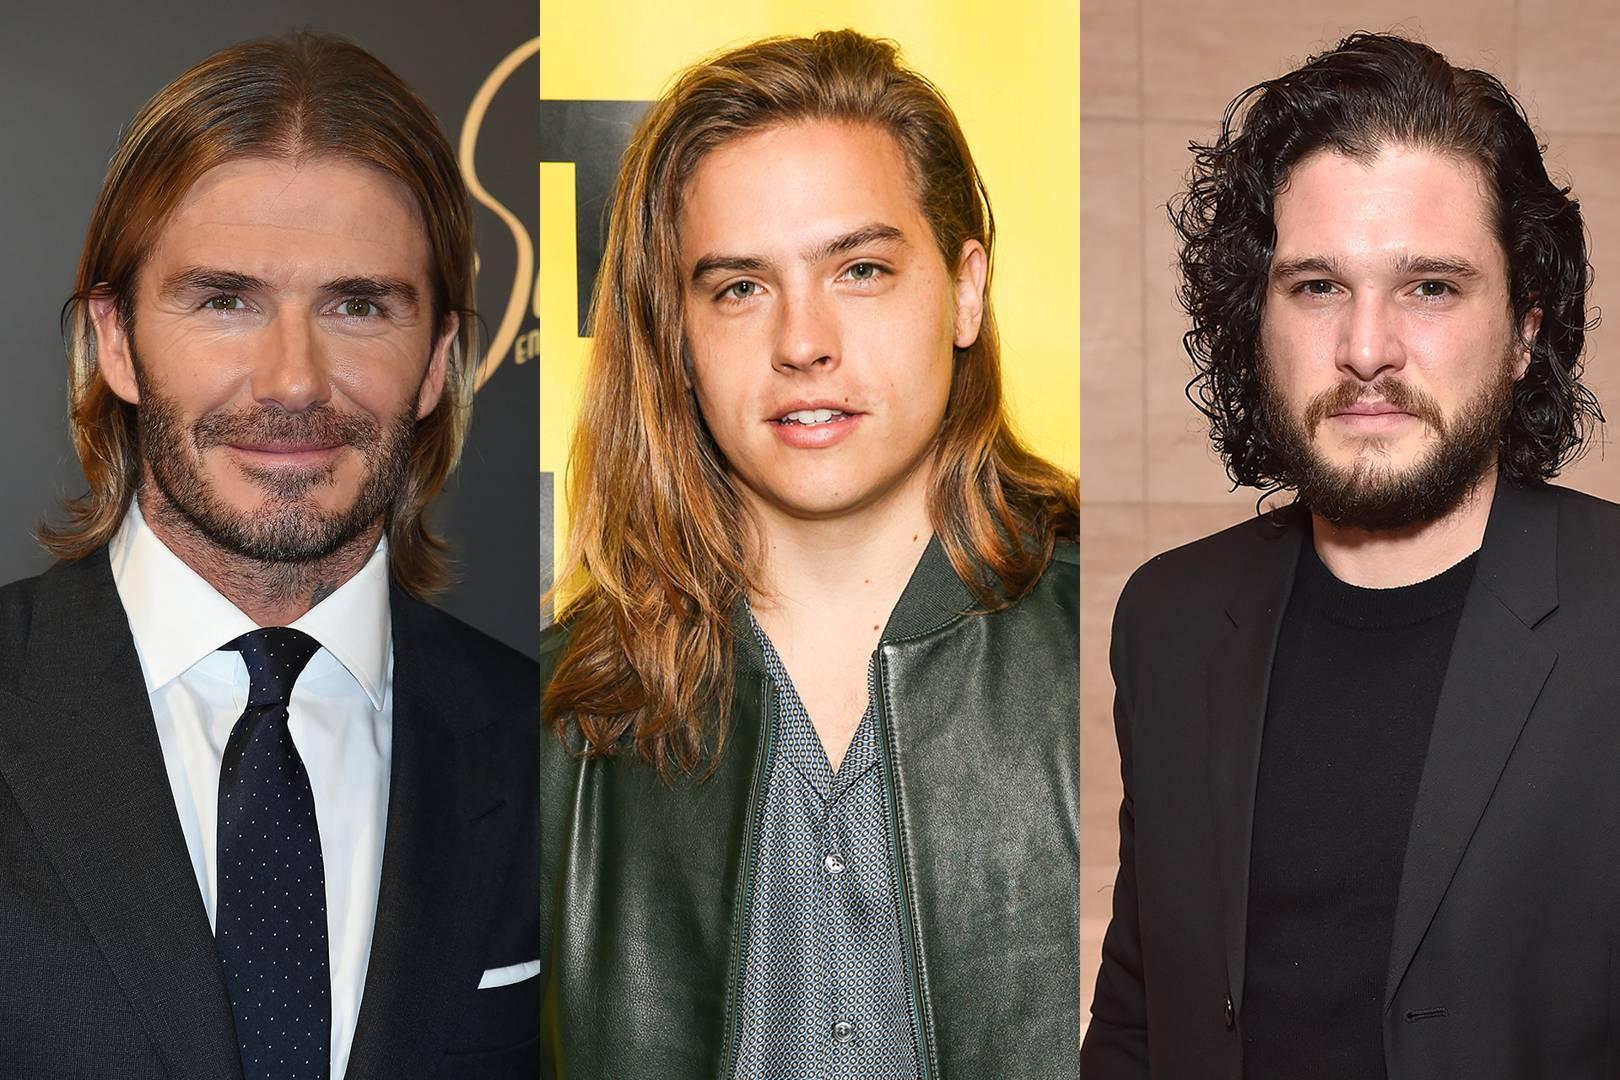 نتيجة بحث الصور عن Long hair + man